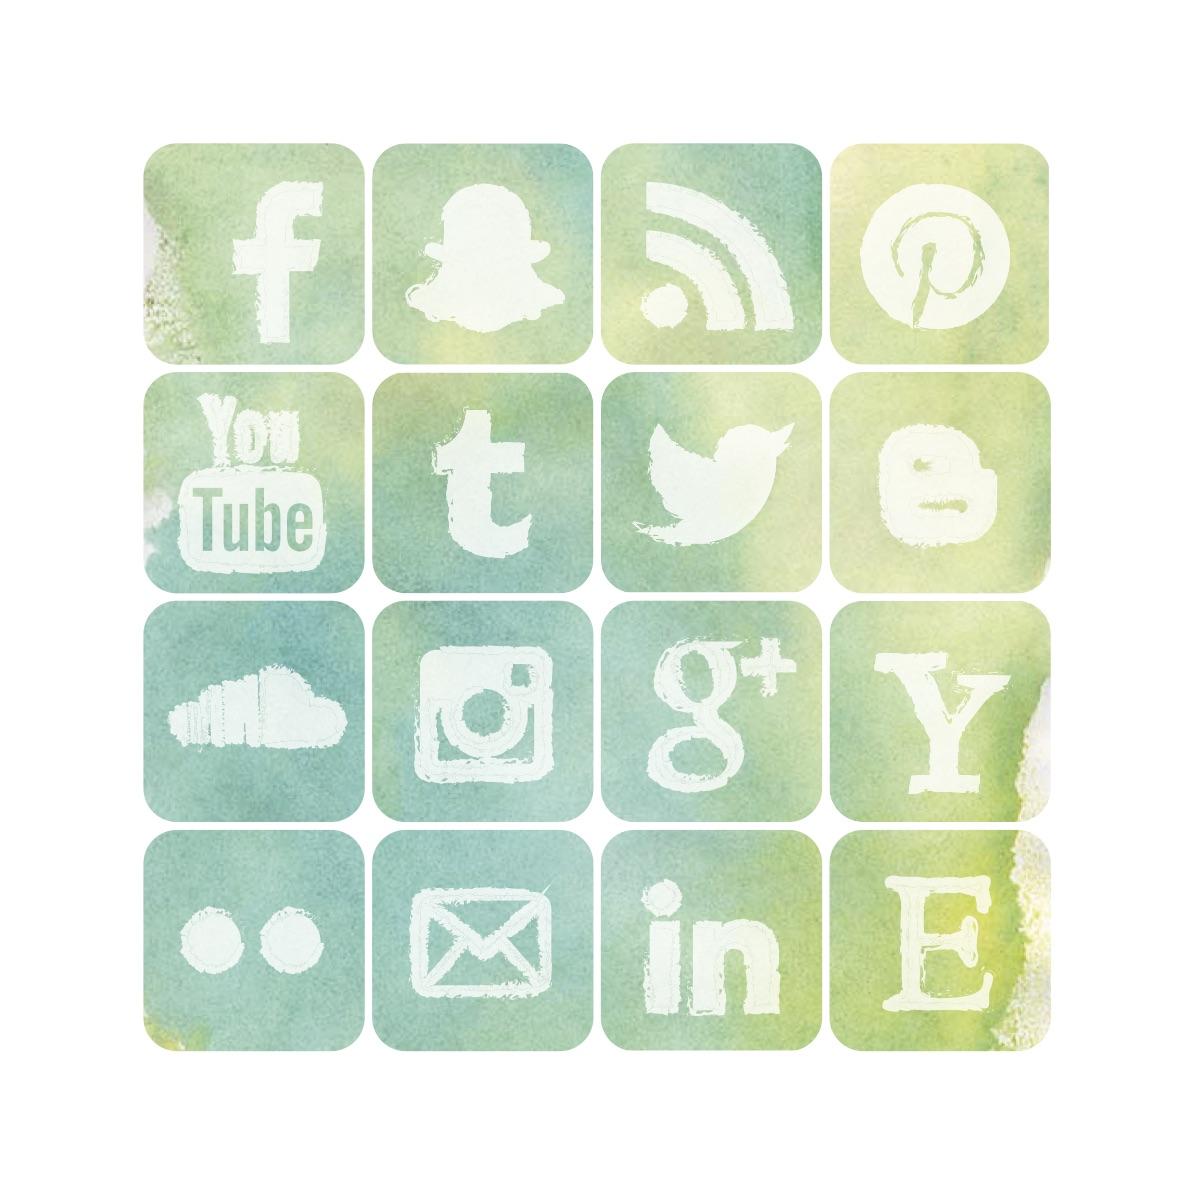 Bloguettes-SocialMediaIcons-GreenWatercolorSquare.jpg